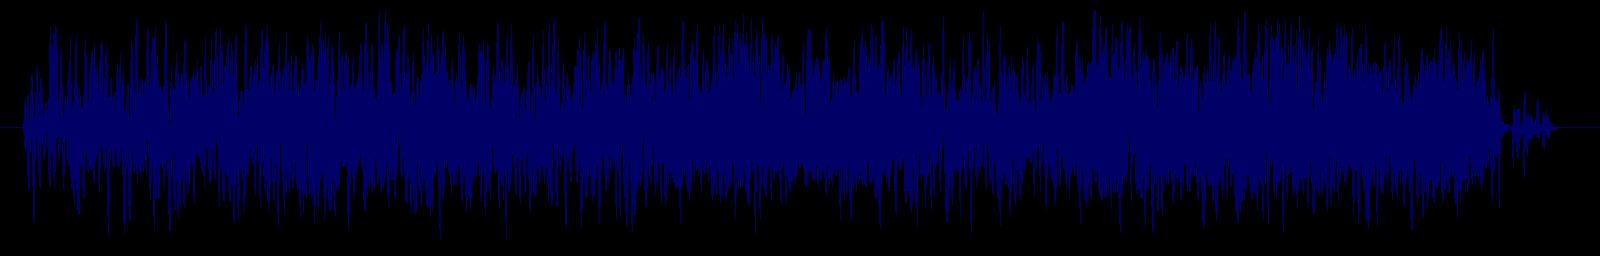 waveform of track #132015